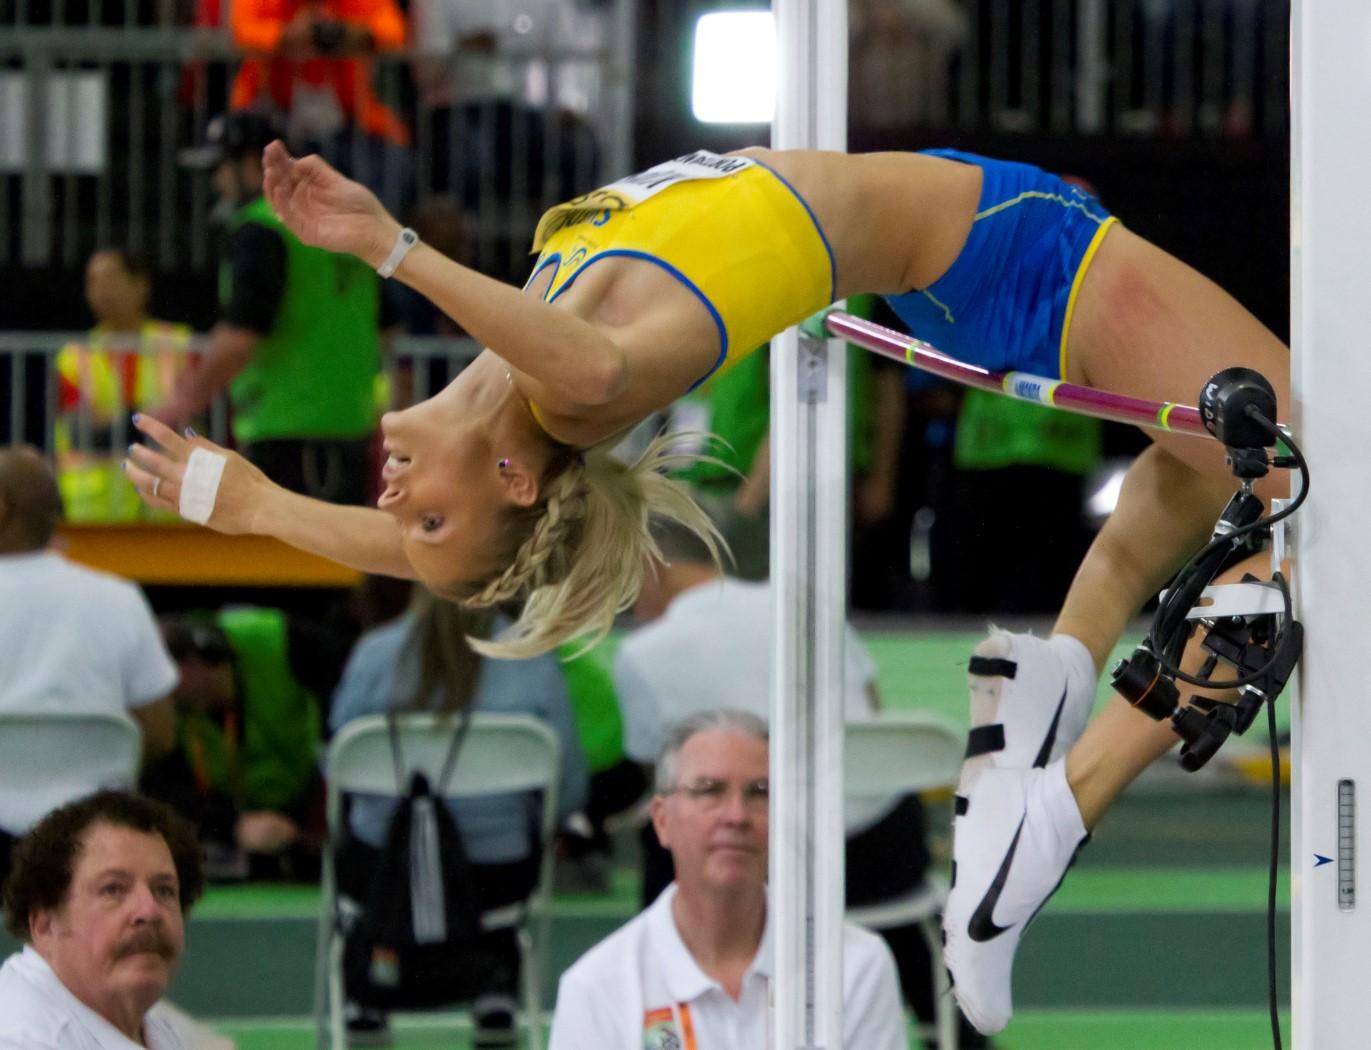 Watch Kajsa Bergqvist high jumping video